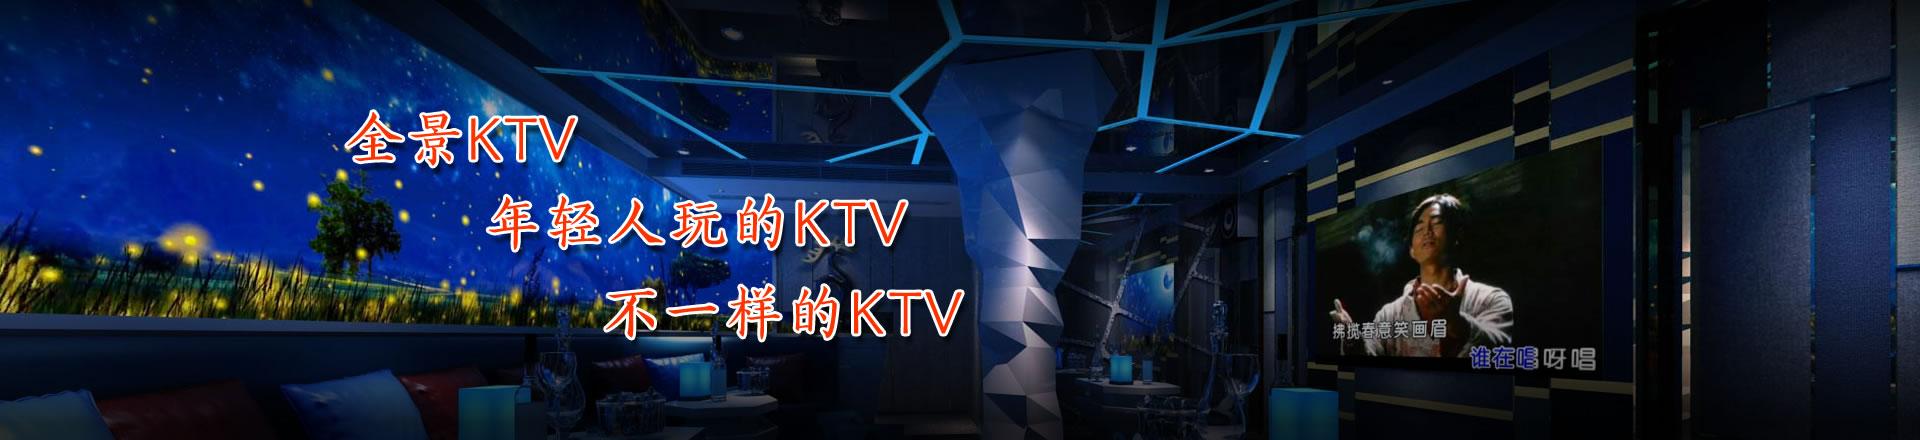 全景视通供应优质的KTV设备公司行业首选